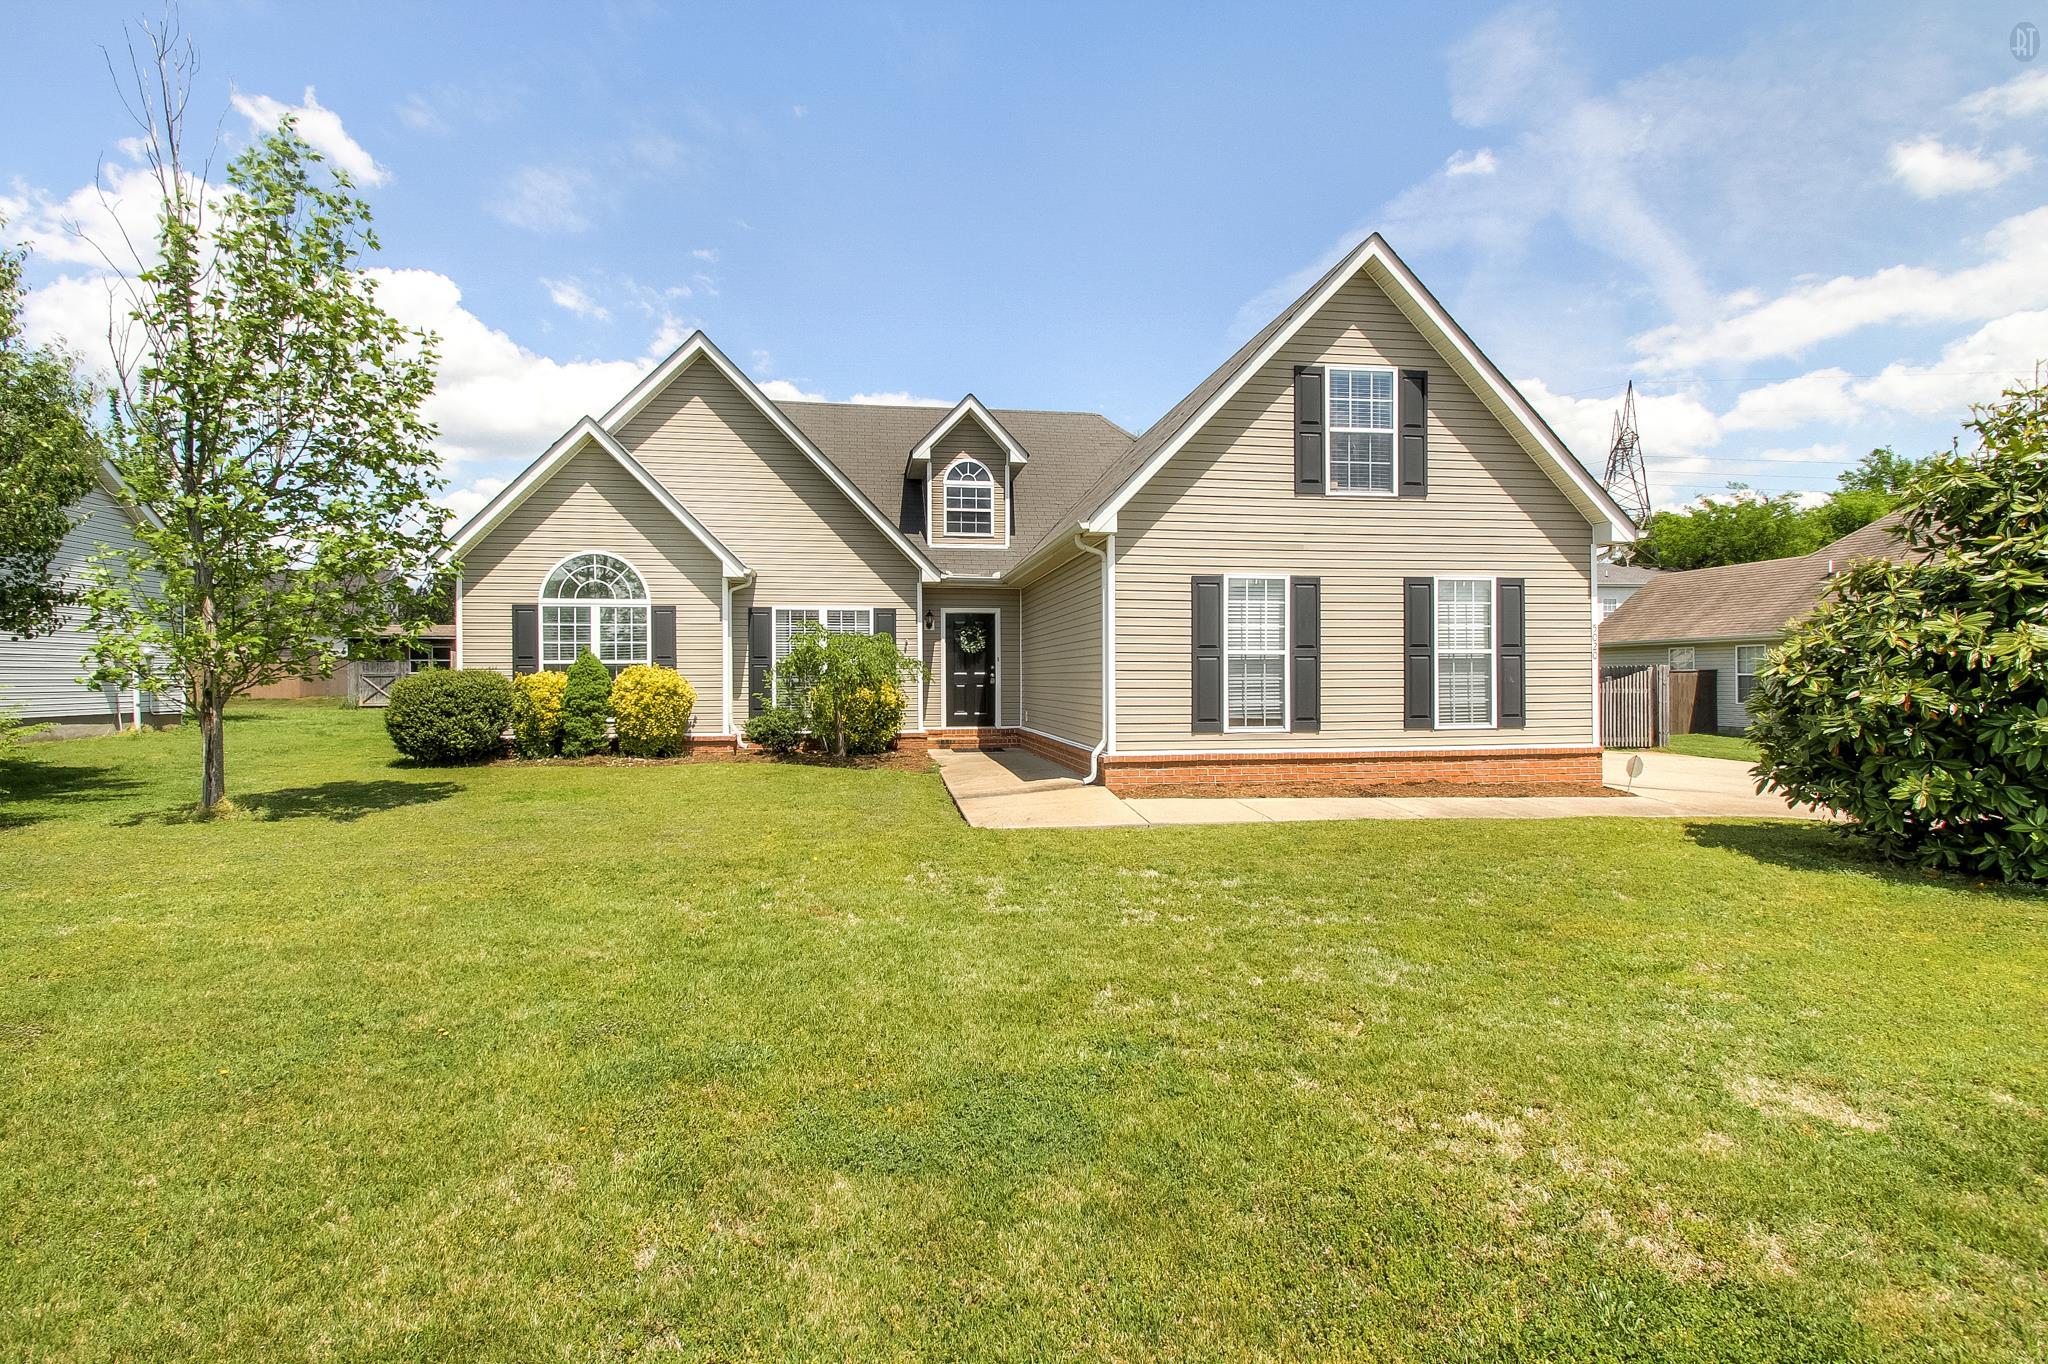 5020 Tricia Pl, Murfreesboro, TN 37129